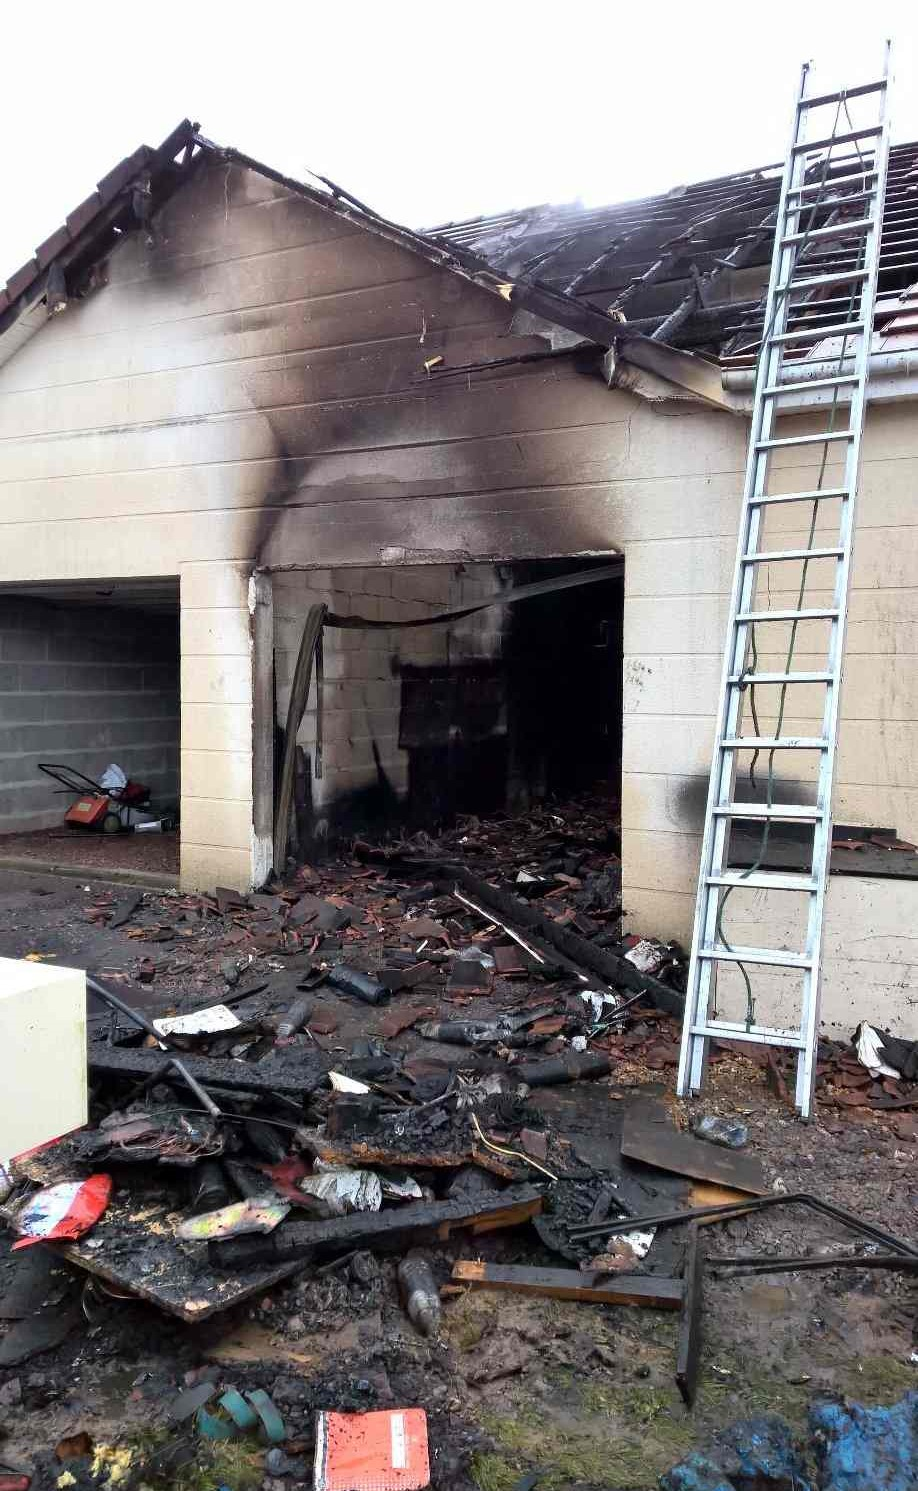 Eure : une friteuse prend feu, deux pavillons endommagés et trois personnes incommodées